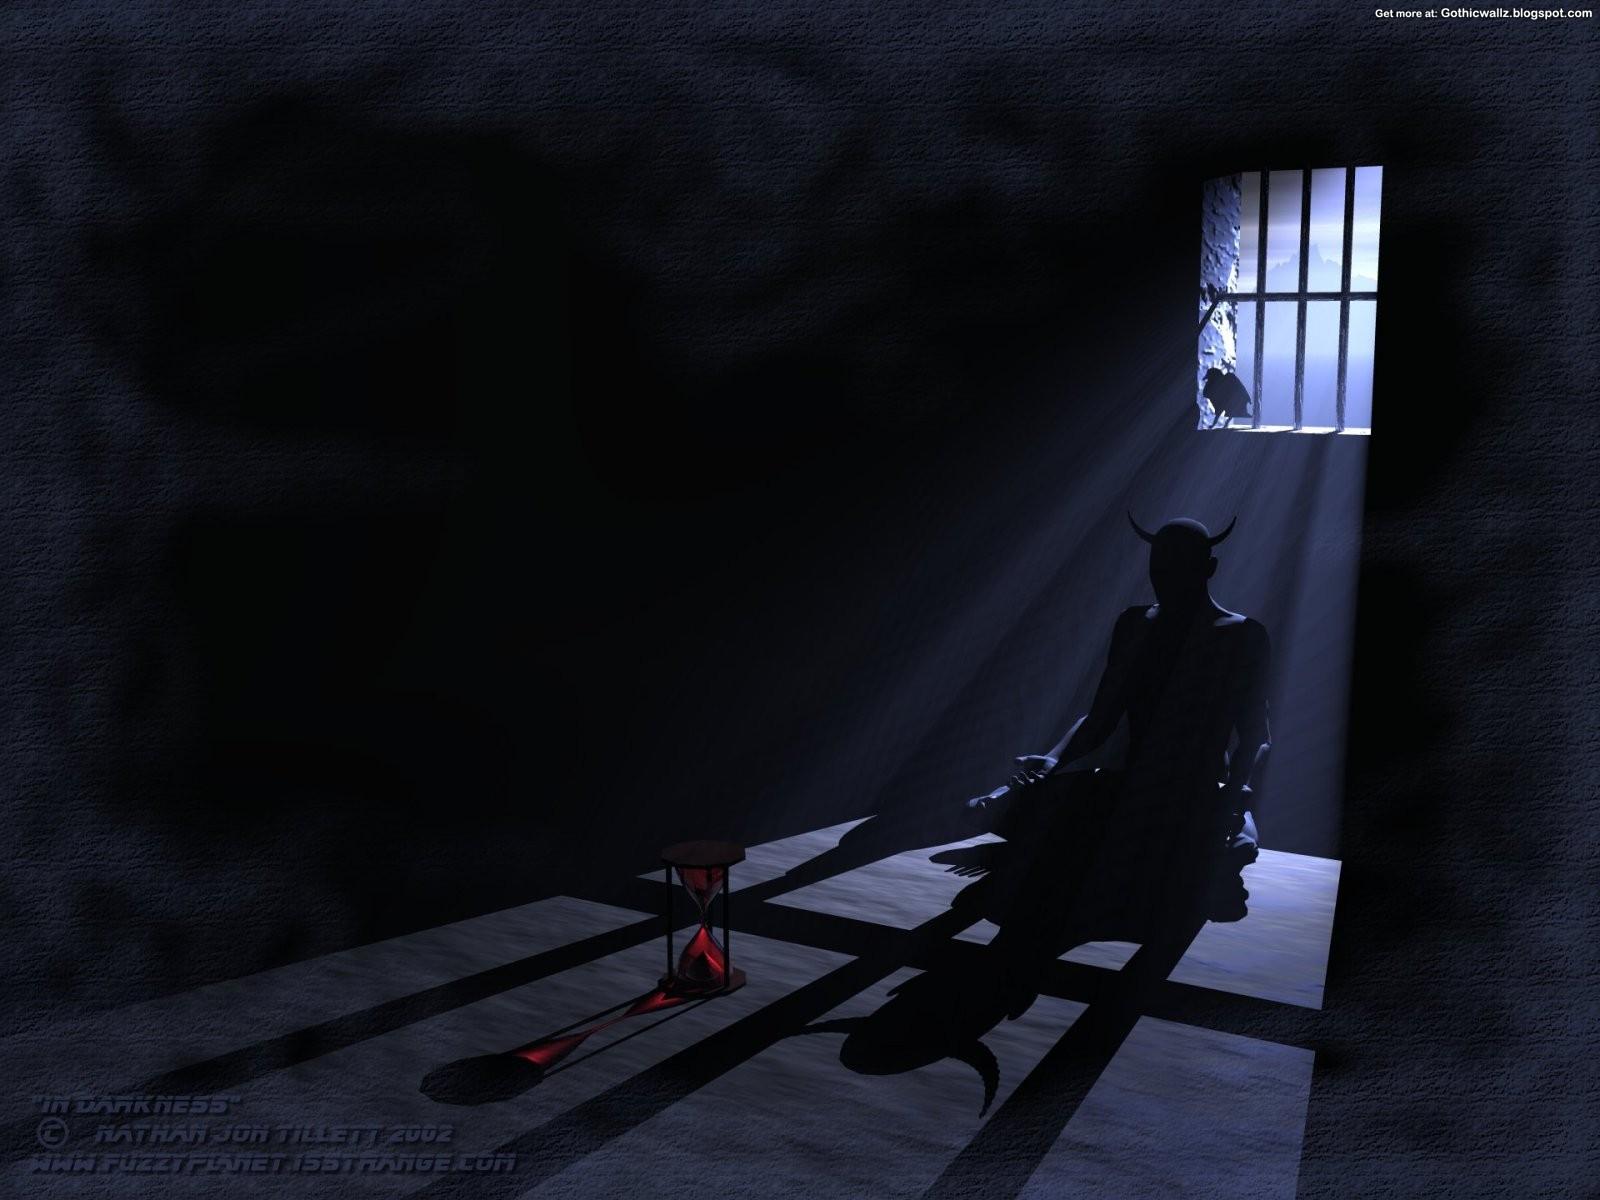 http://2.bp.blogspot.com/_-jo2ZCYhKaY/Sio32N_hBfI/AAAAAAAACUc/Ttno28tneo8/s1600/Gothicwallz--In-Darkness-version-2.jpg